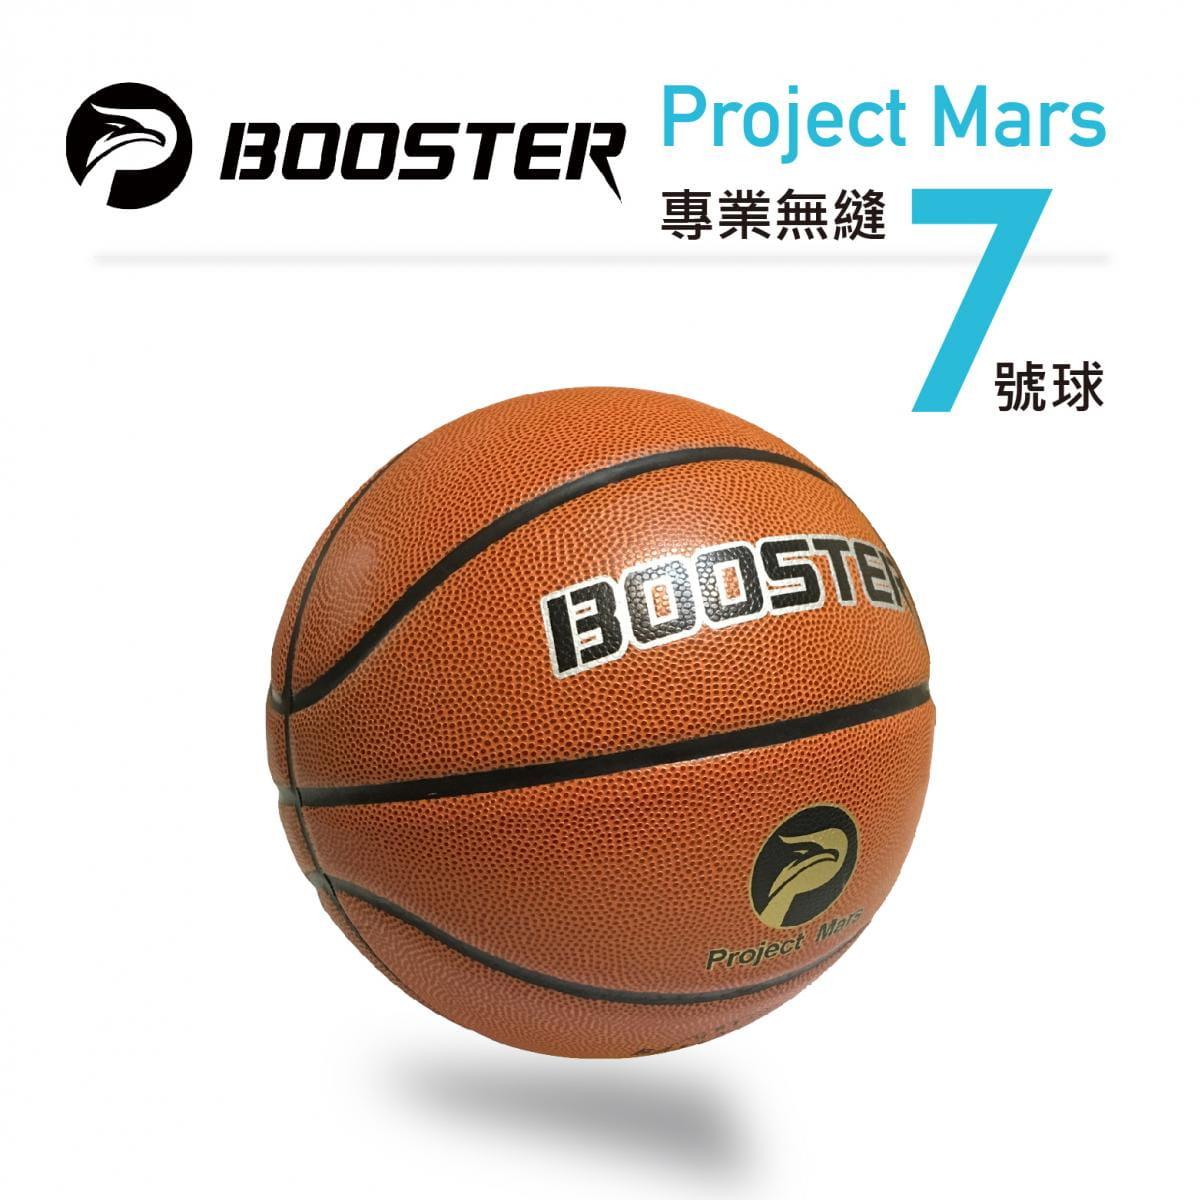 【Project Mars】Booster 超彈力籃球『博恩夜夜秀強力推薦』 0